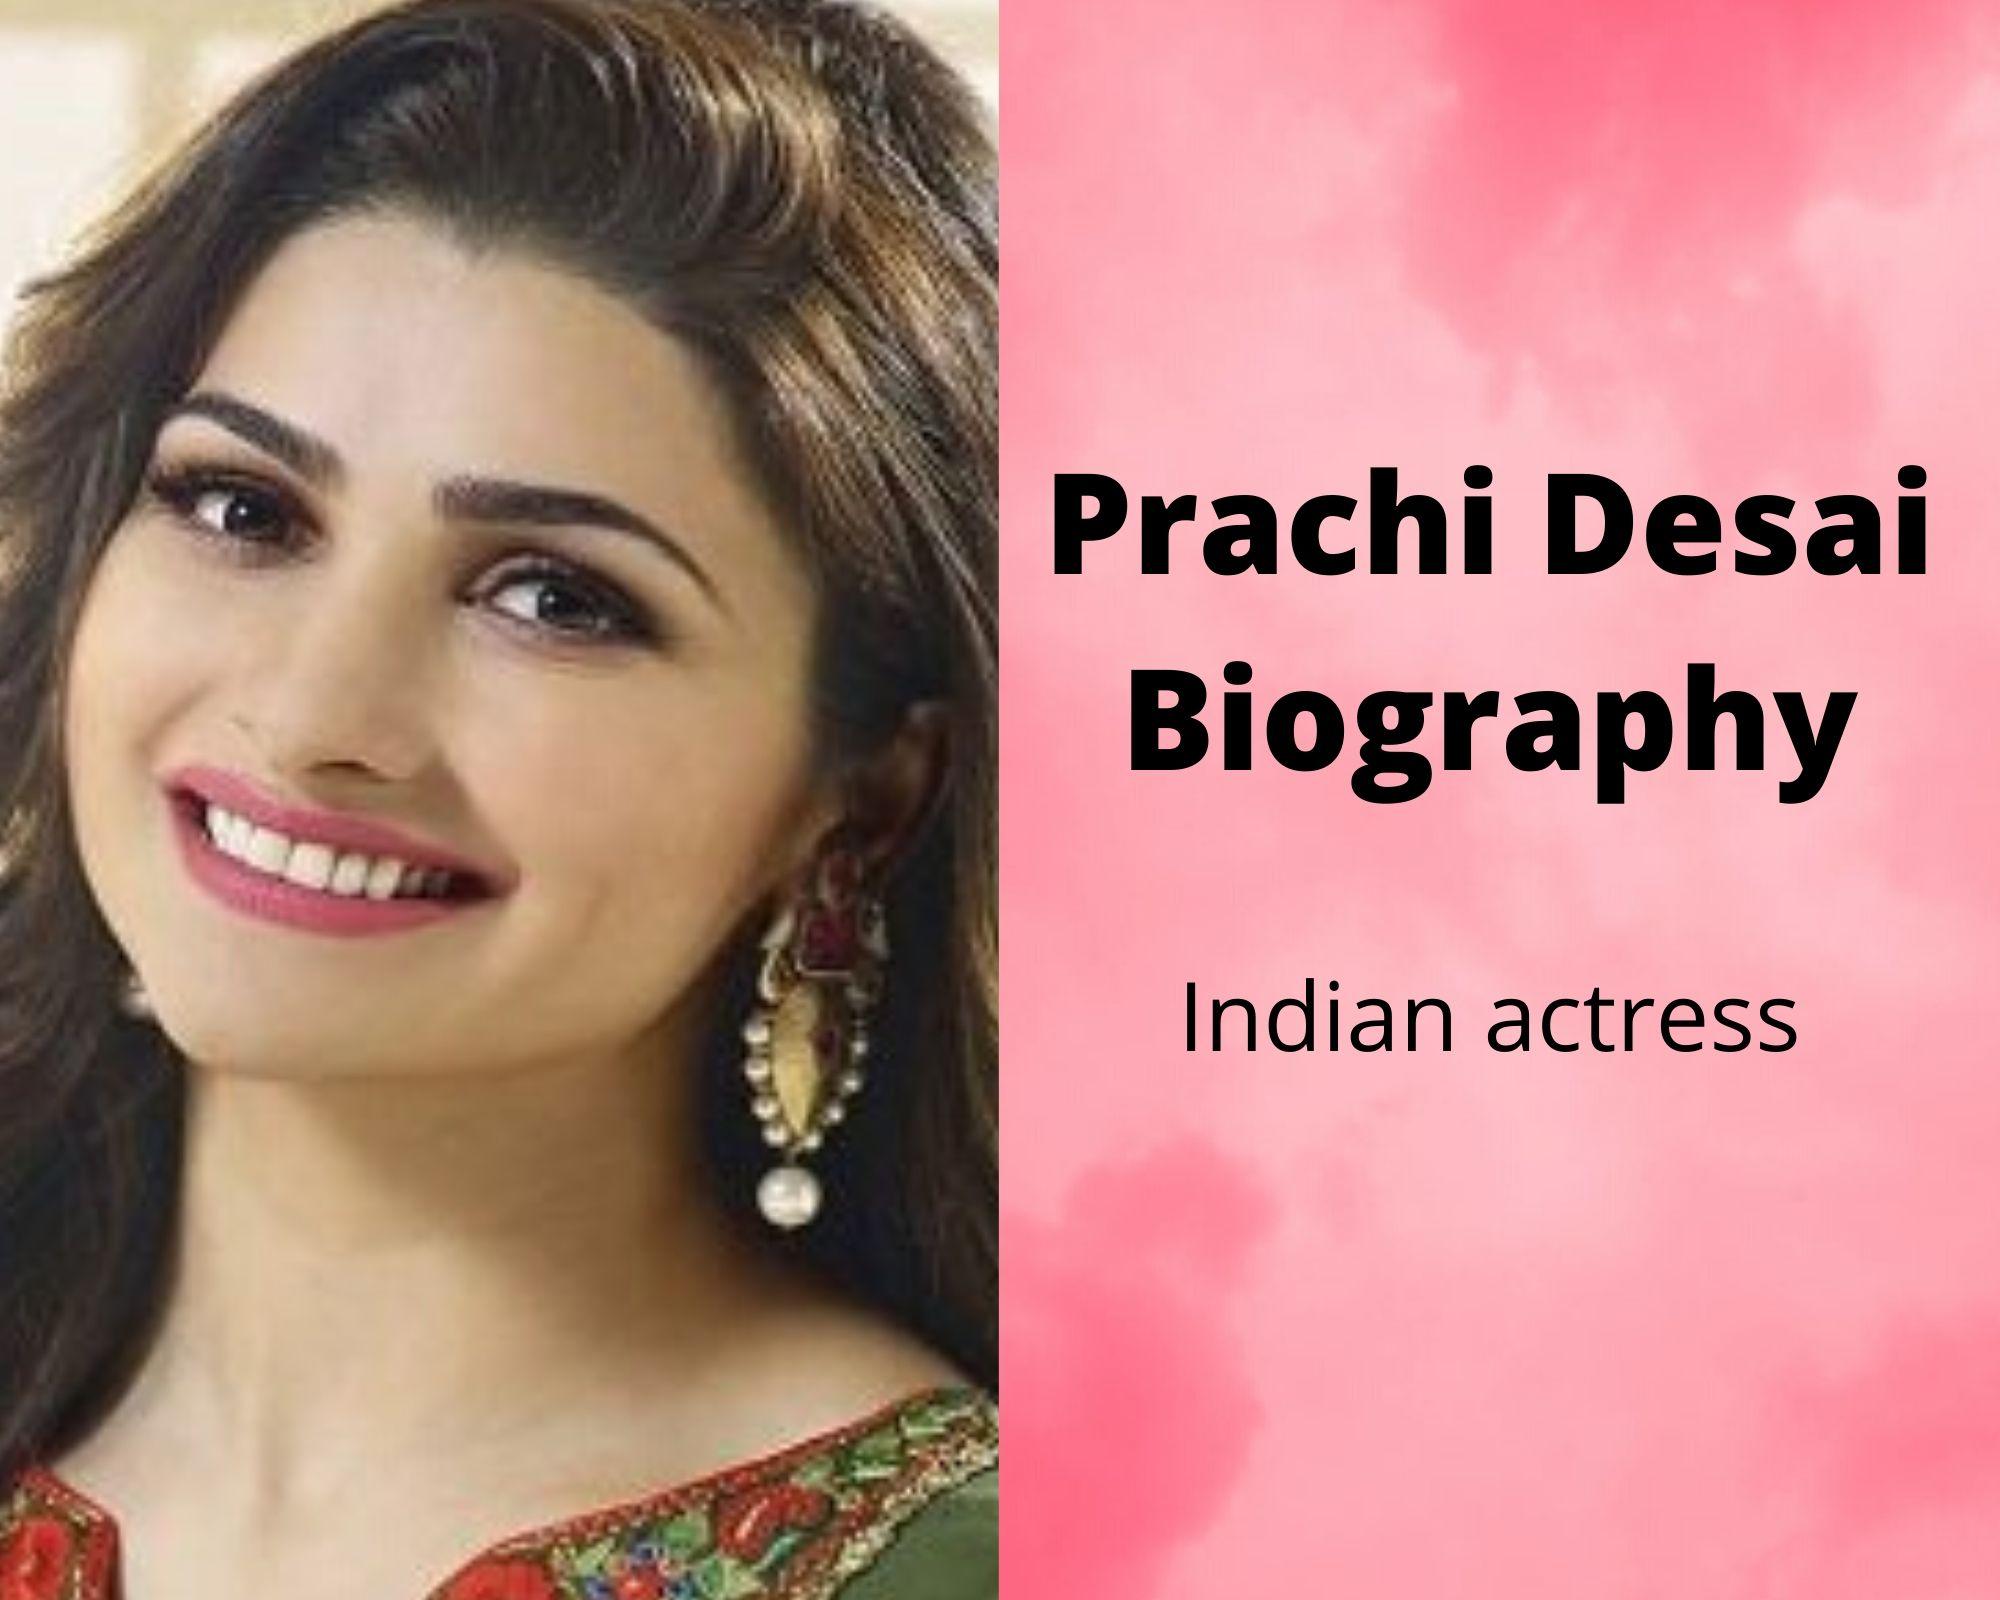 Prachi-Desai-Biography